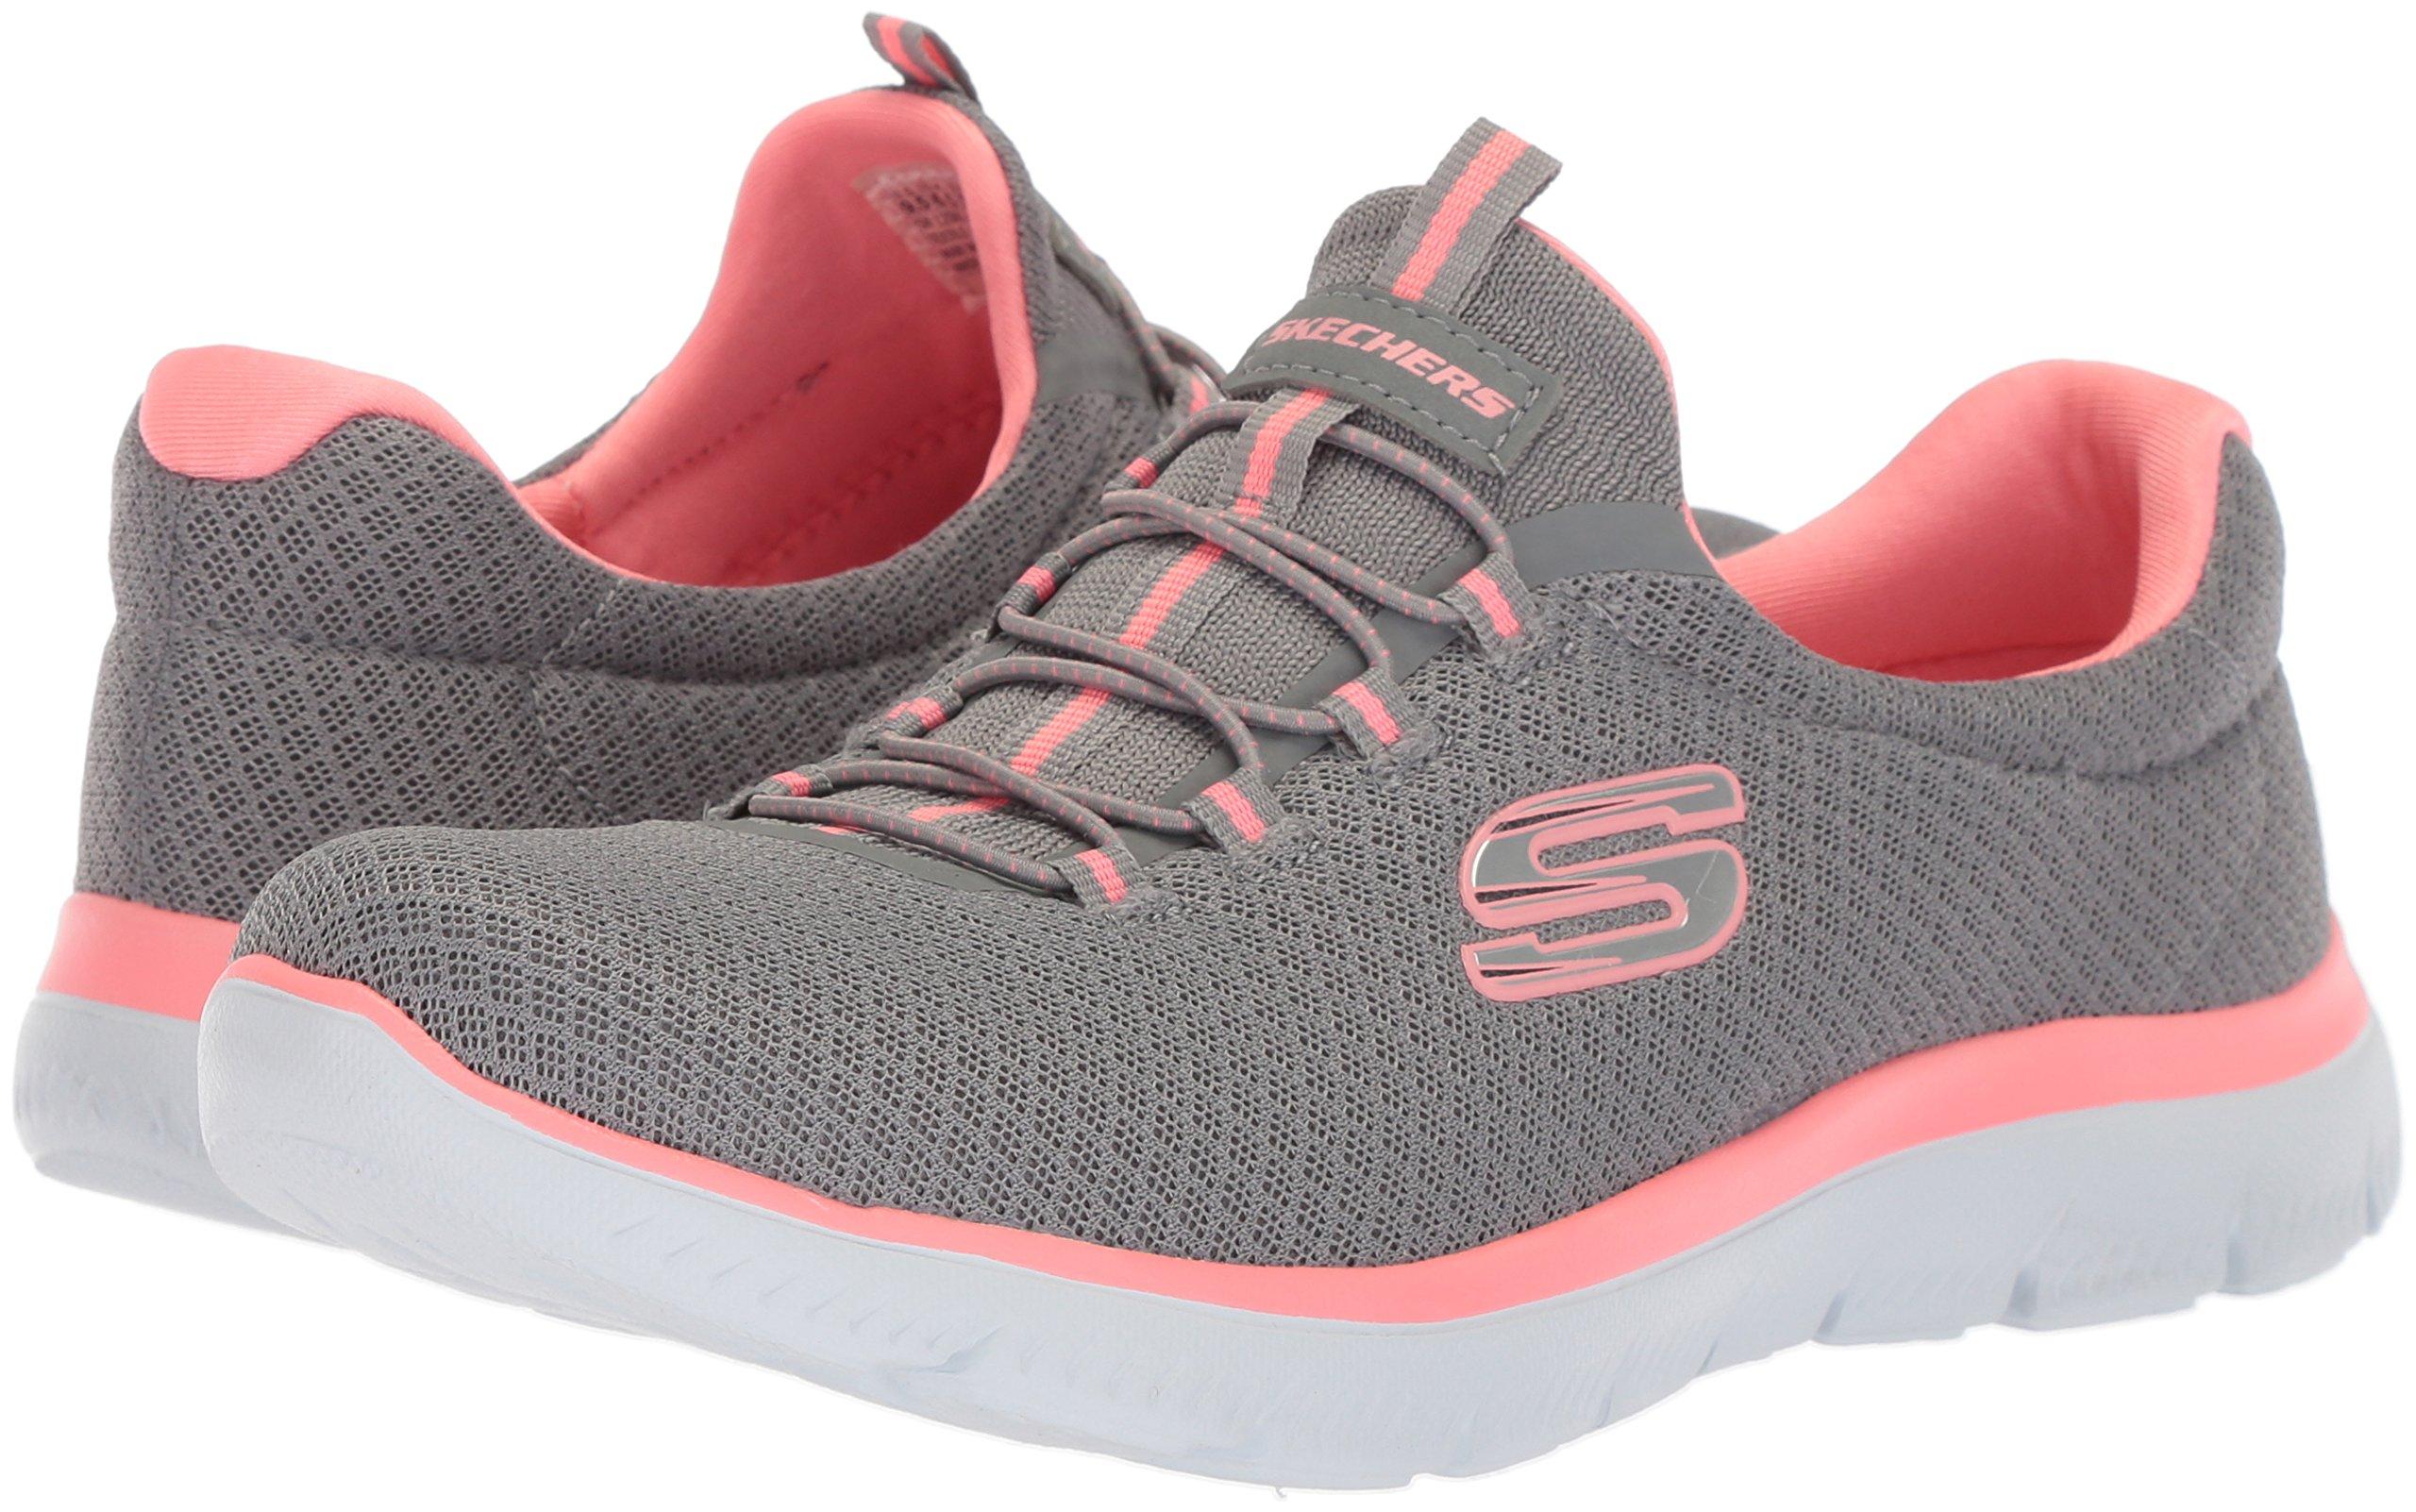 Skechers Sport Women's Summits Sneaker,grey/pink,8.5 W US